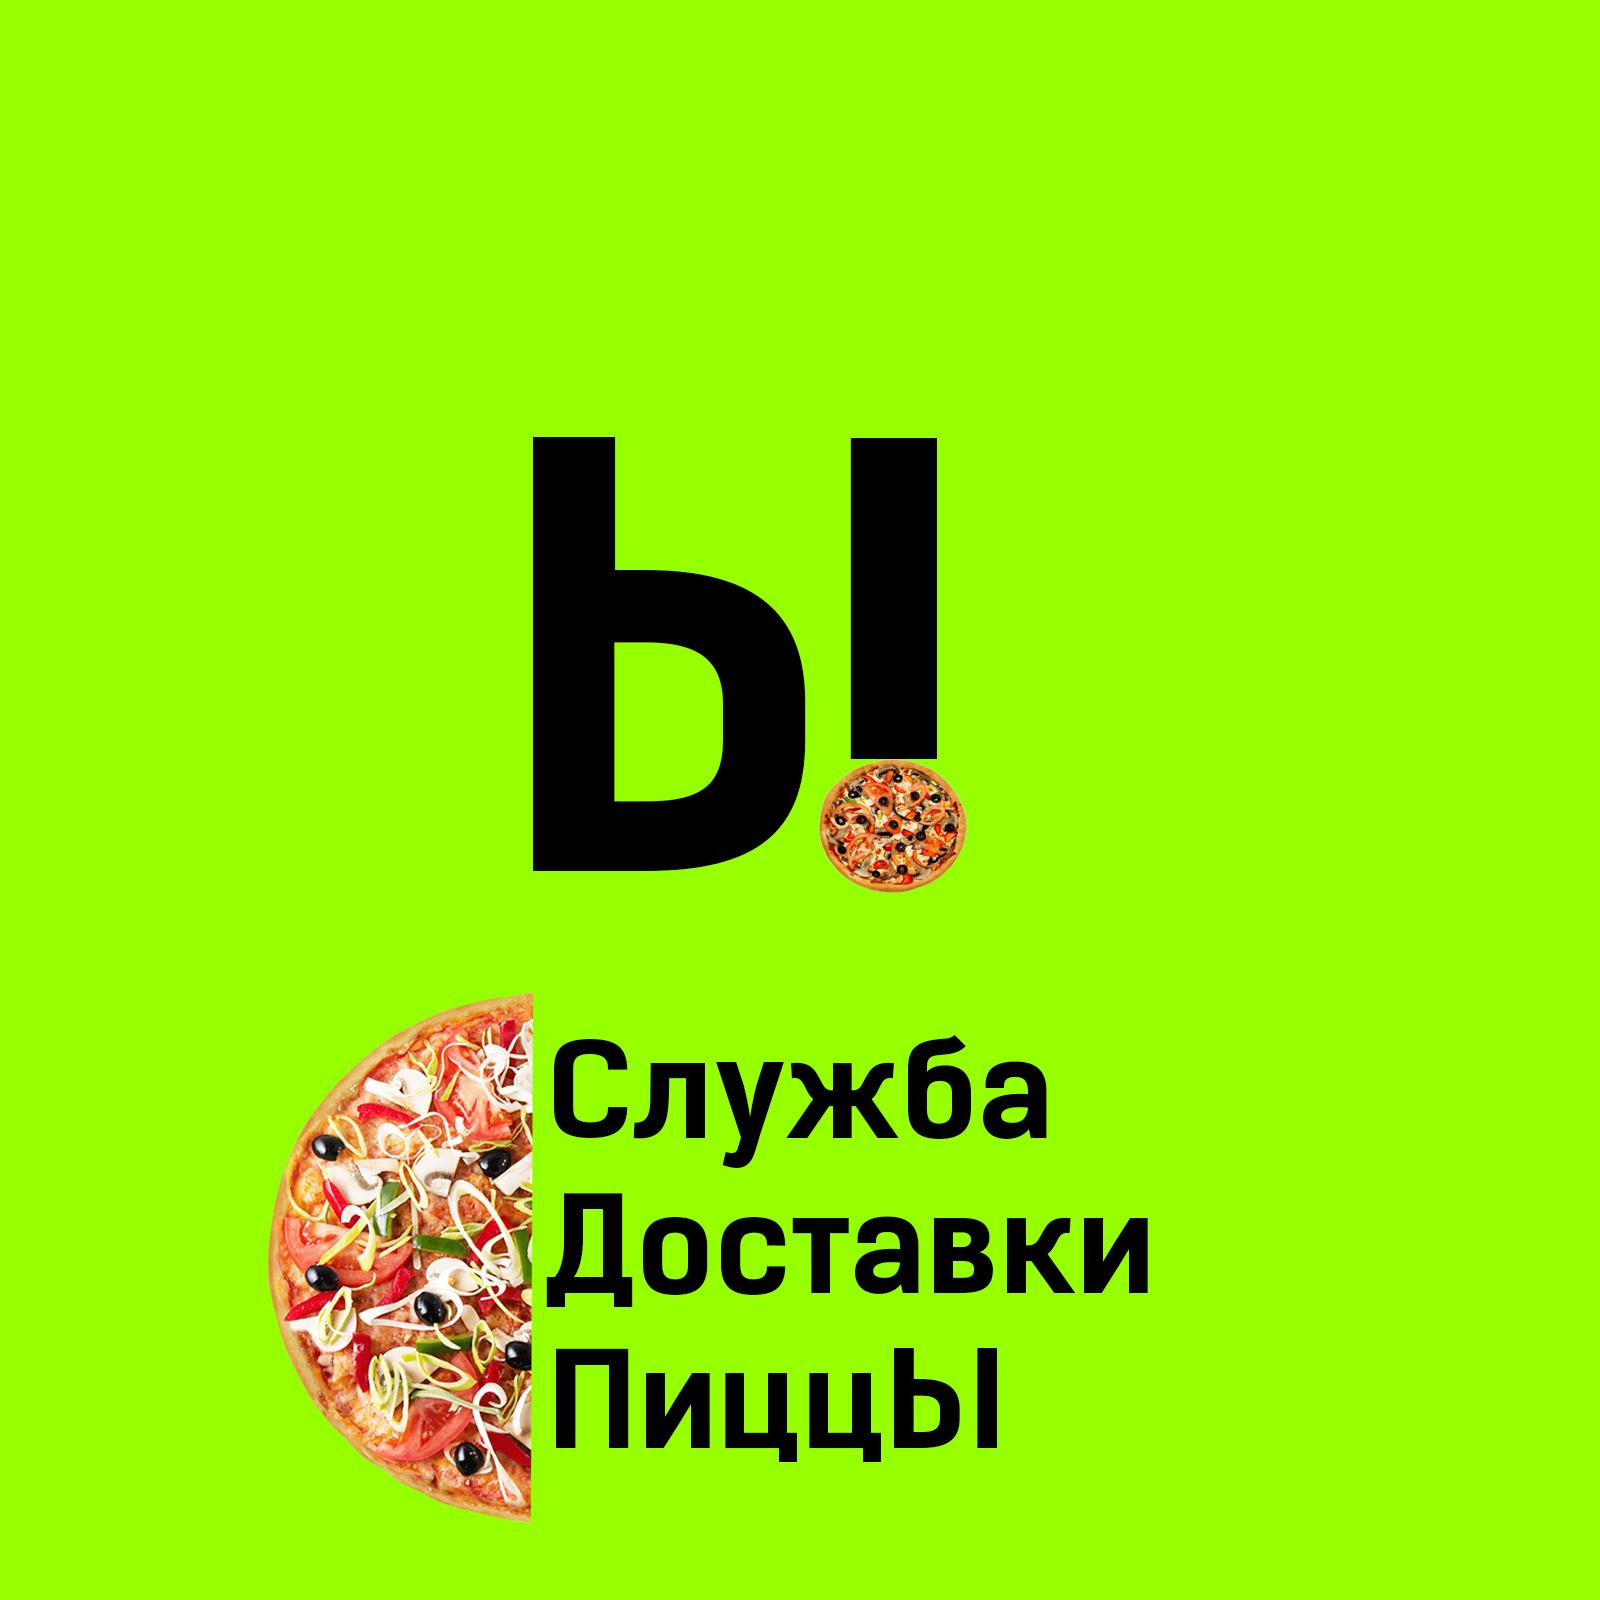 Разыскивается дизайнер для разработки лого службы доставки фото f_2575c346a6c72d2b.png